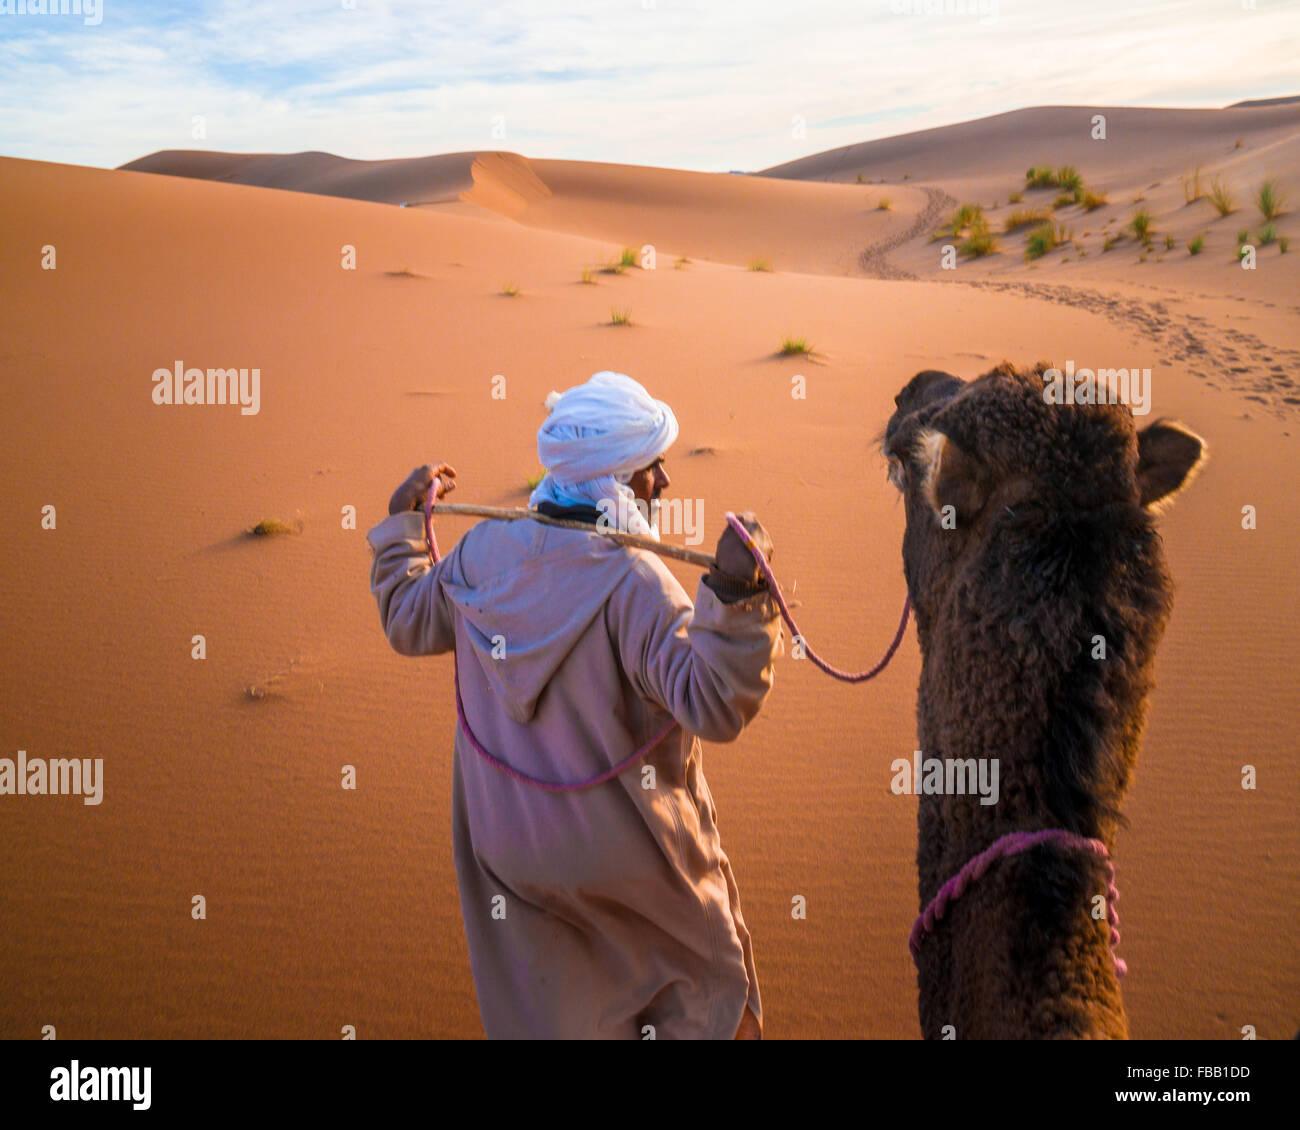 Uomo porta camel, Erg Chegaga Marocco Immagini Stock